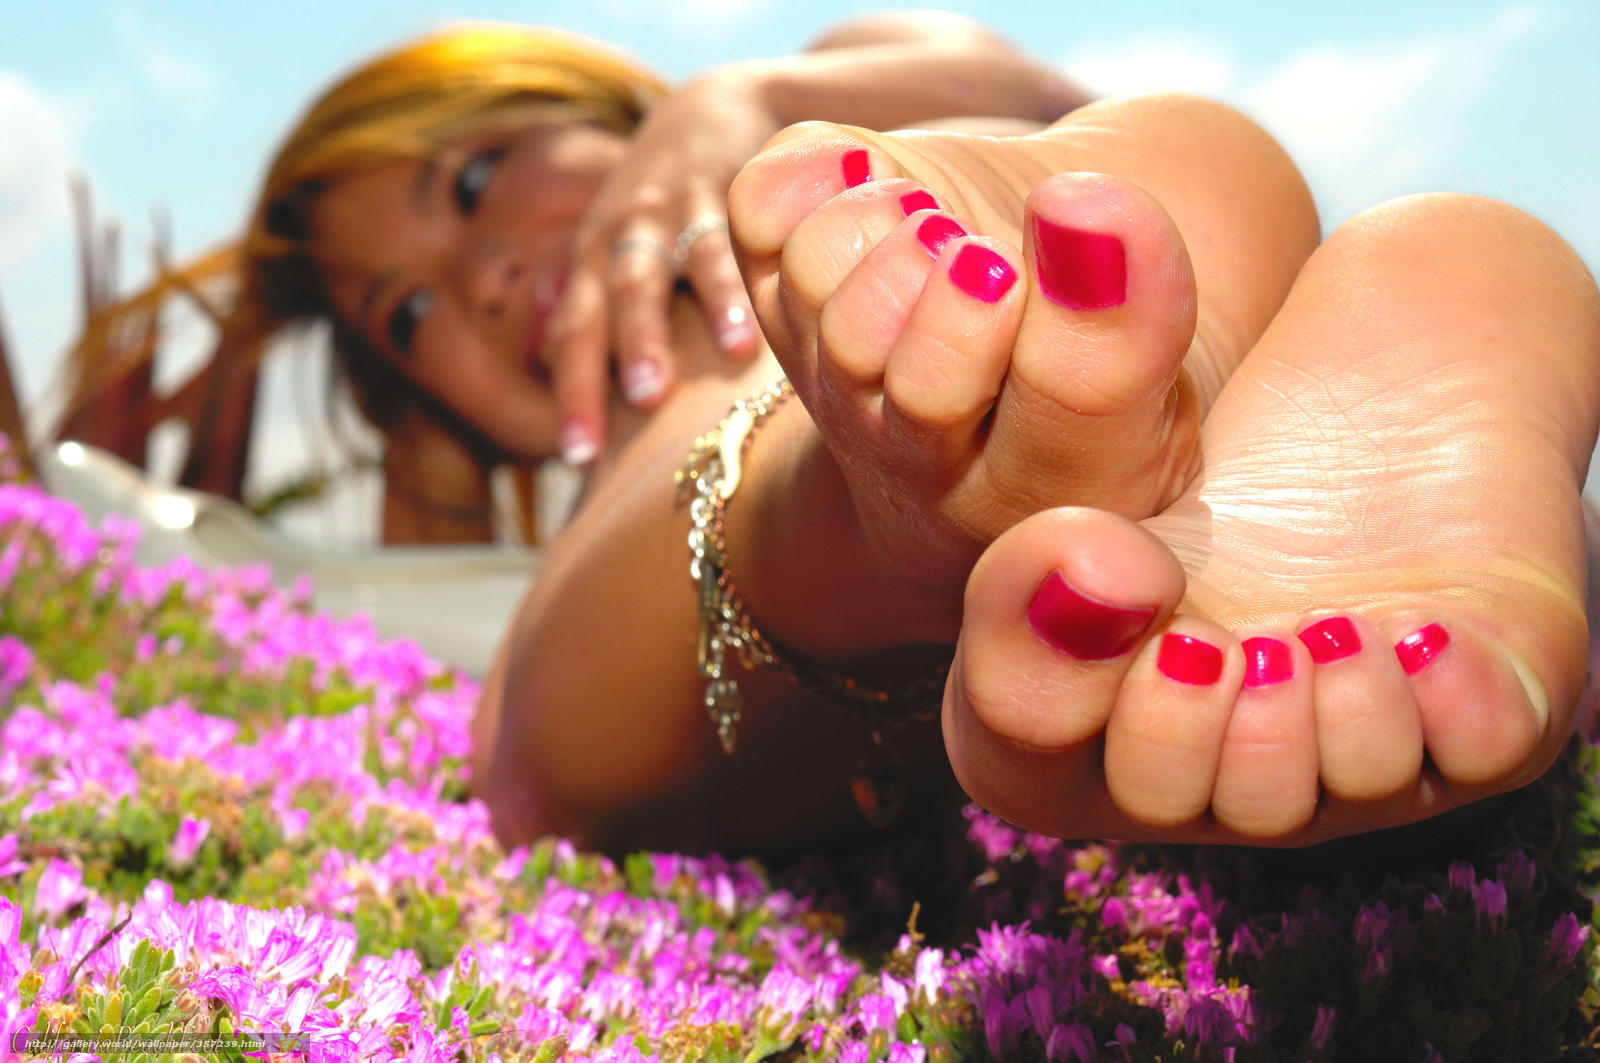 Сладкие женские пяточки 5 фотография